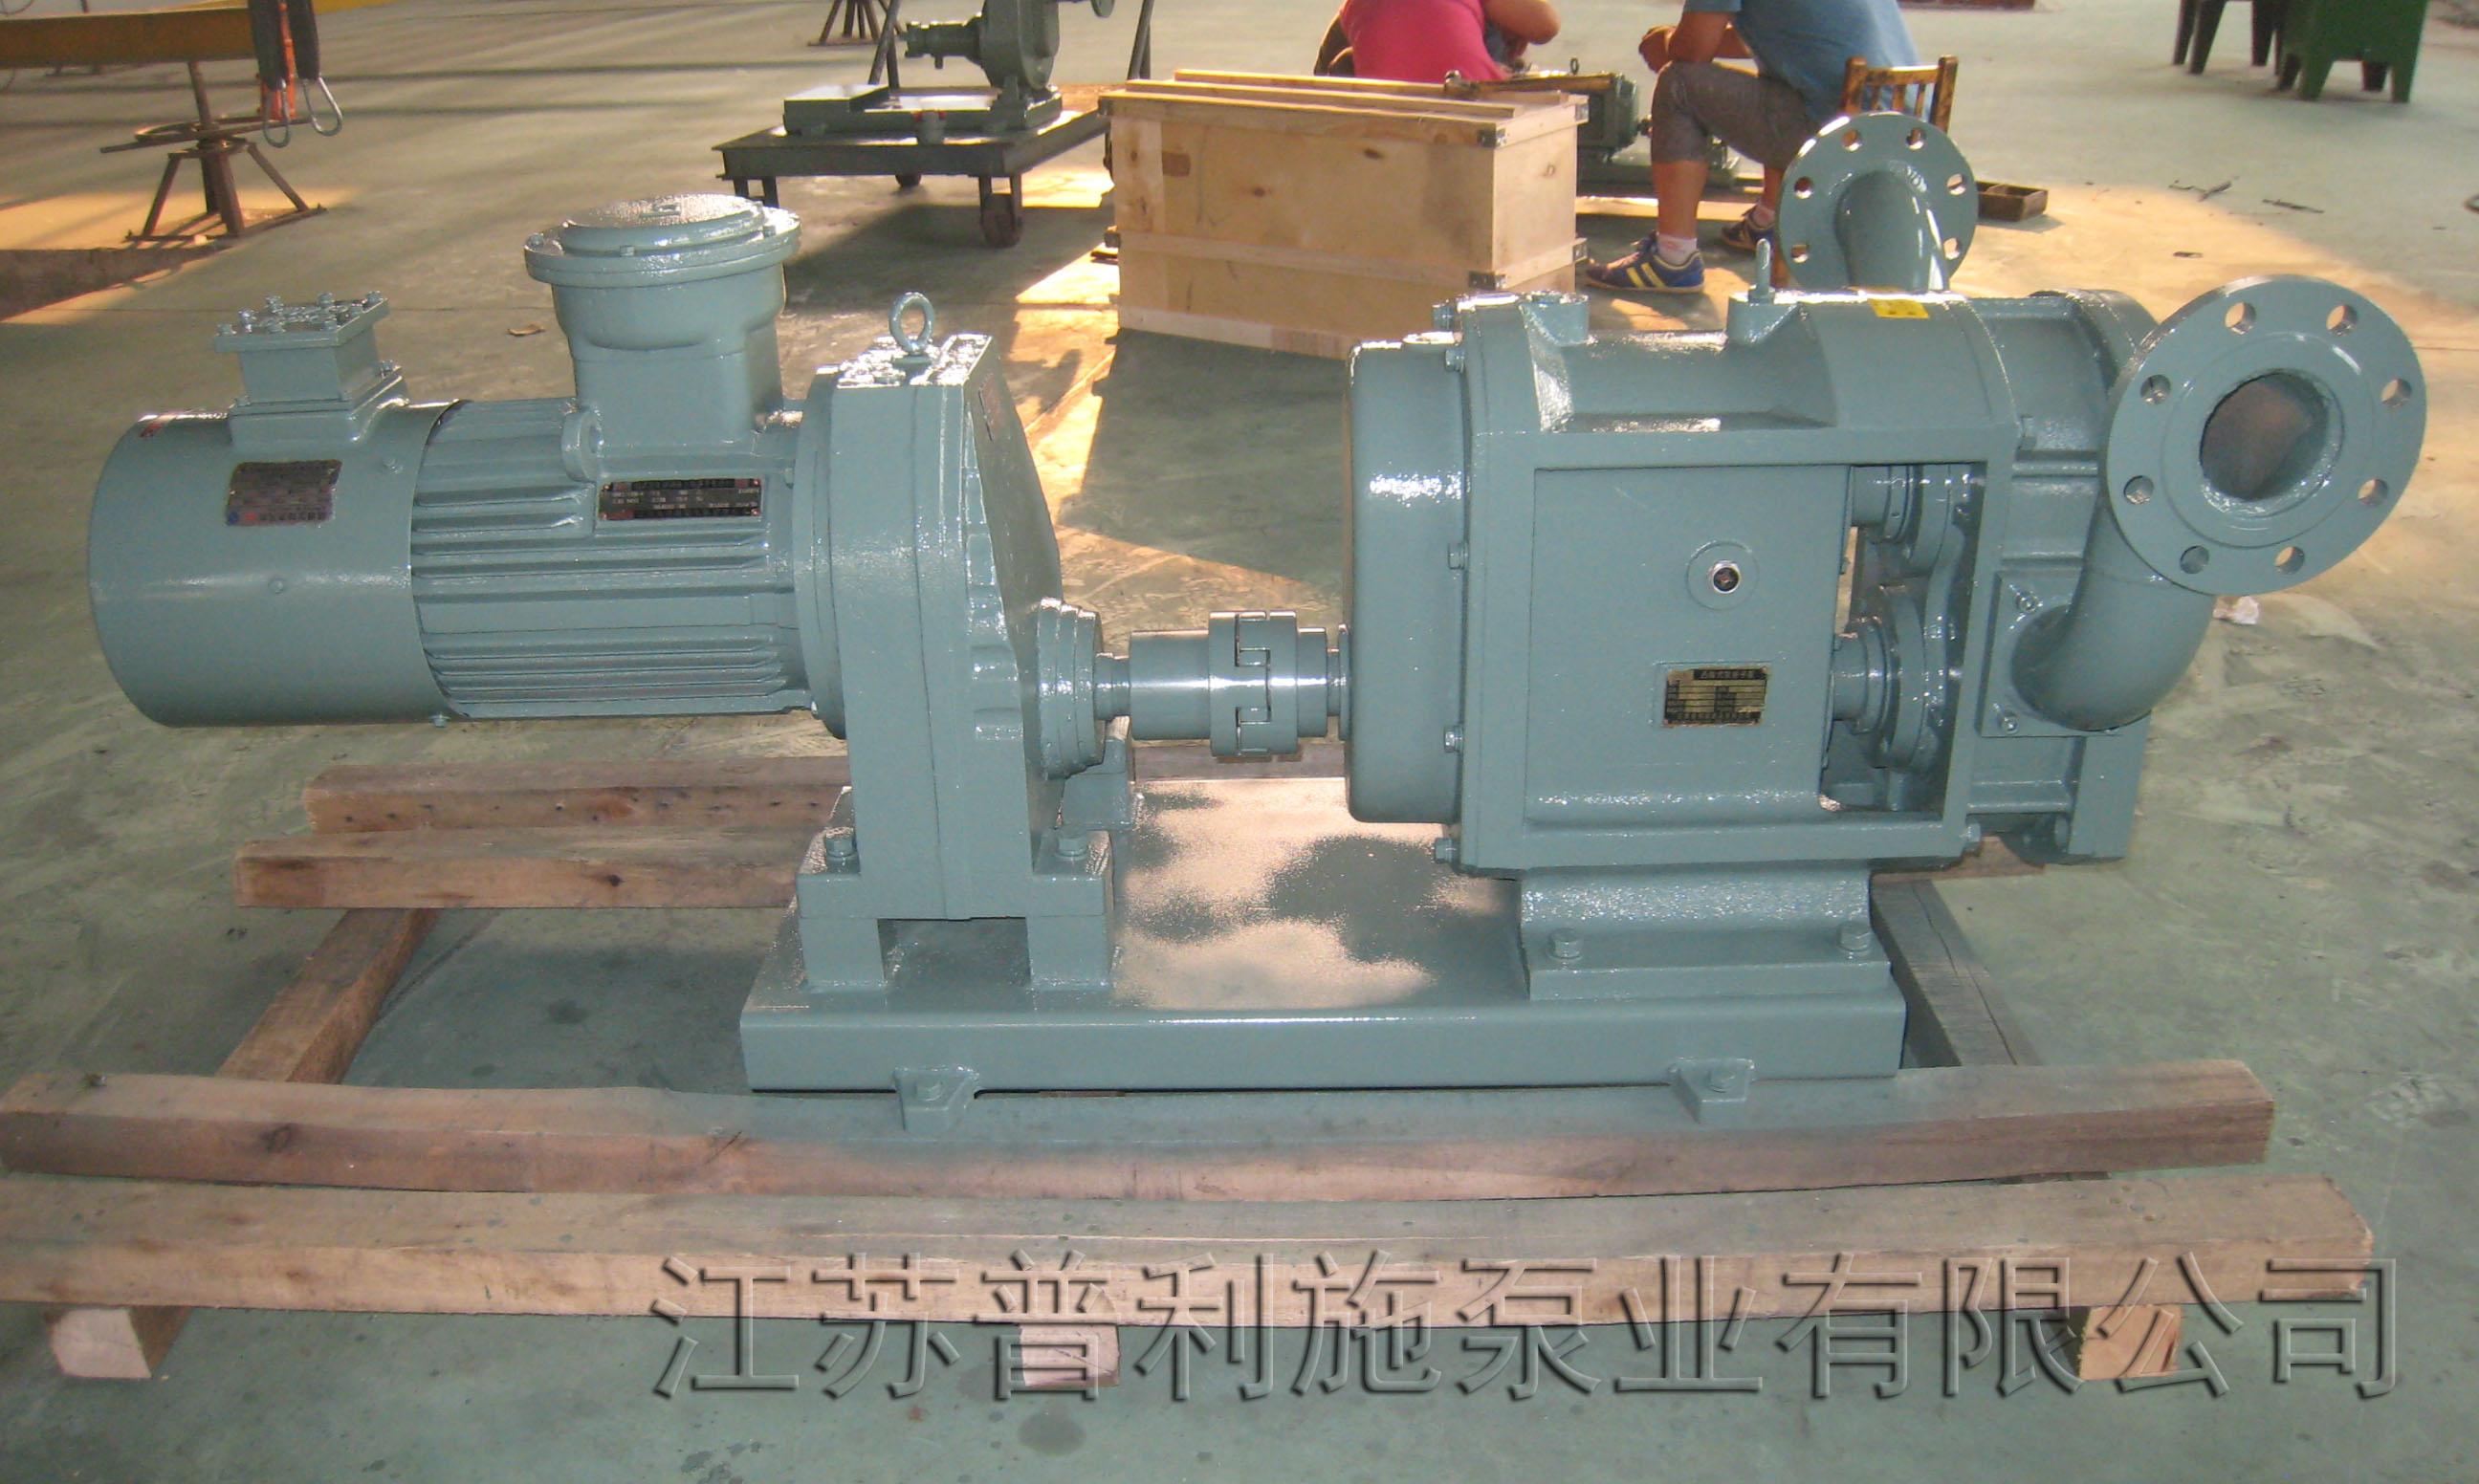 普利施50PLST6-10 不锈钢转子泵